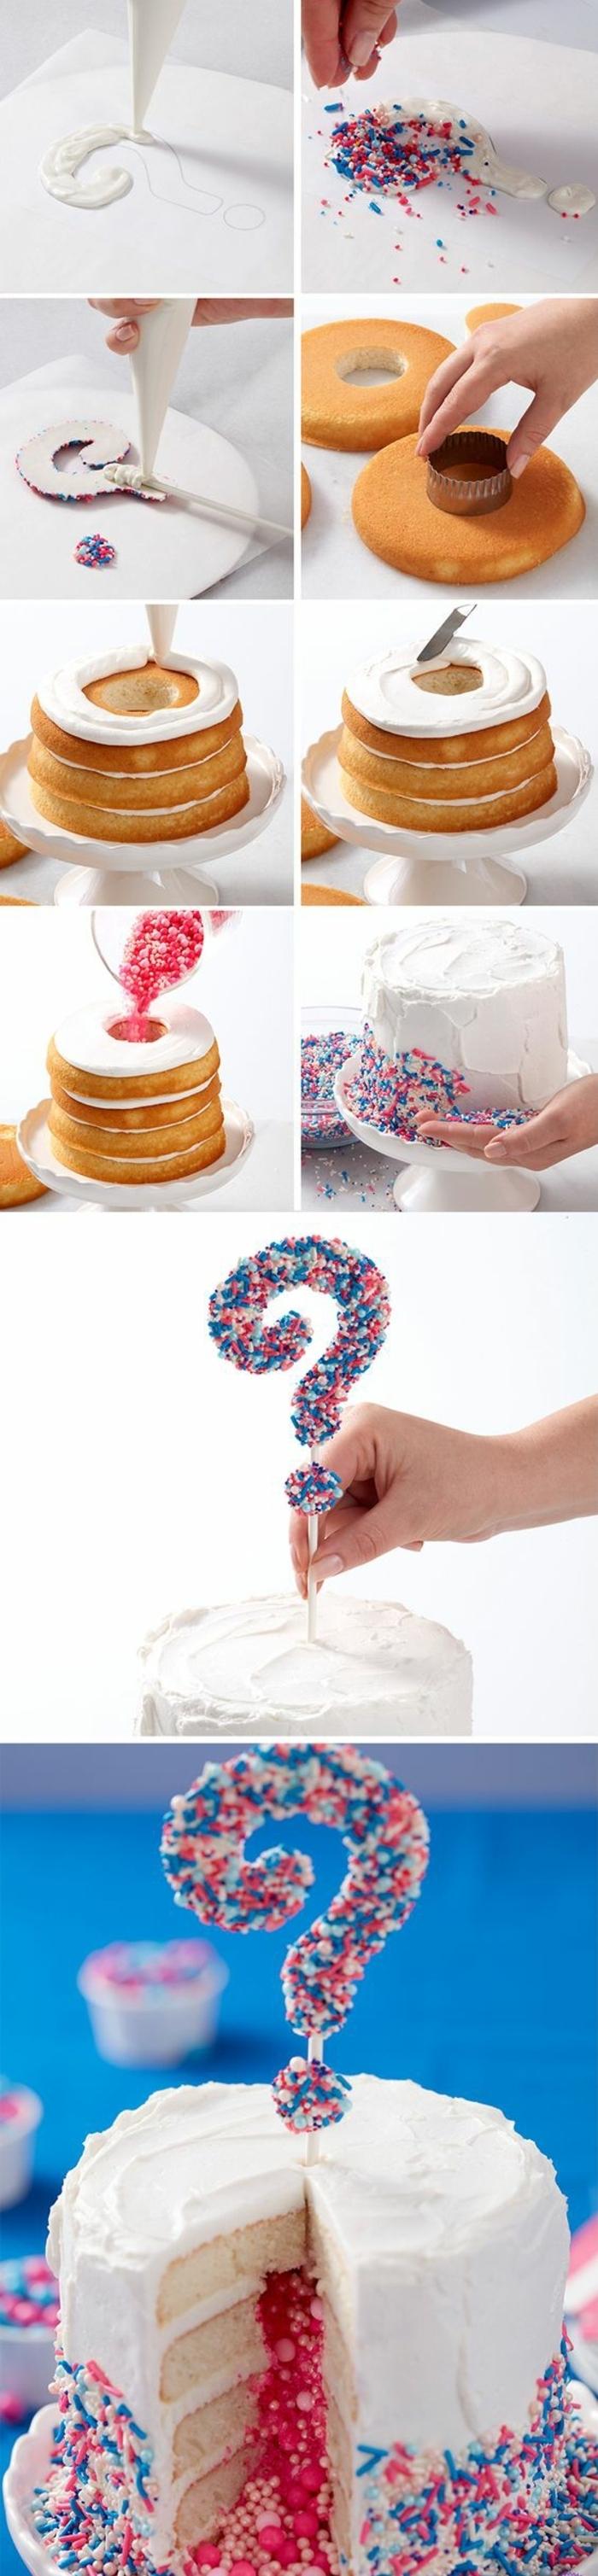 tuto facile pour un gâteau baby shower surprise, fête pour révéler le sexe du bébé